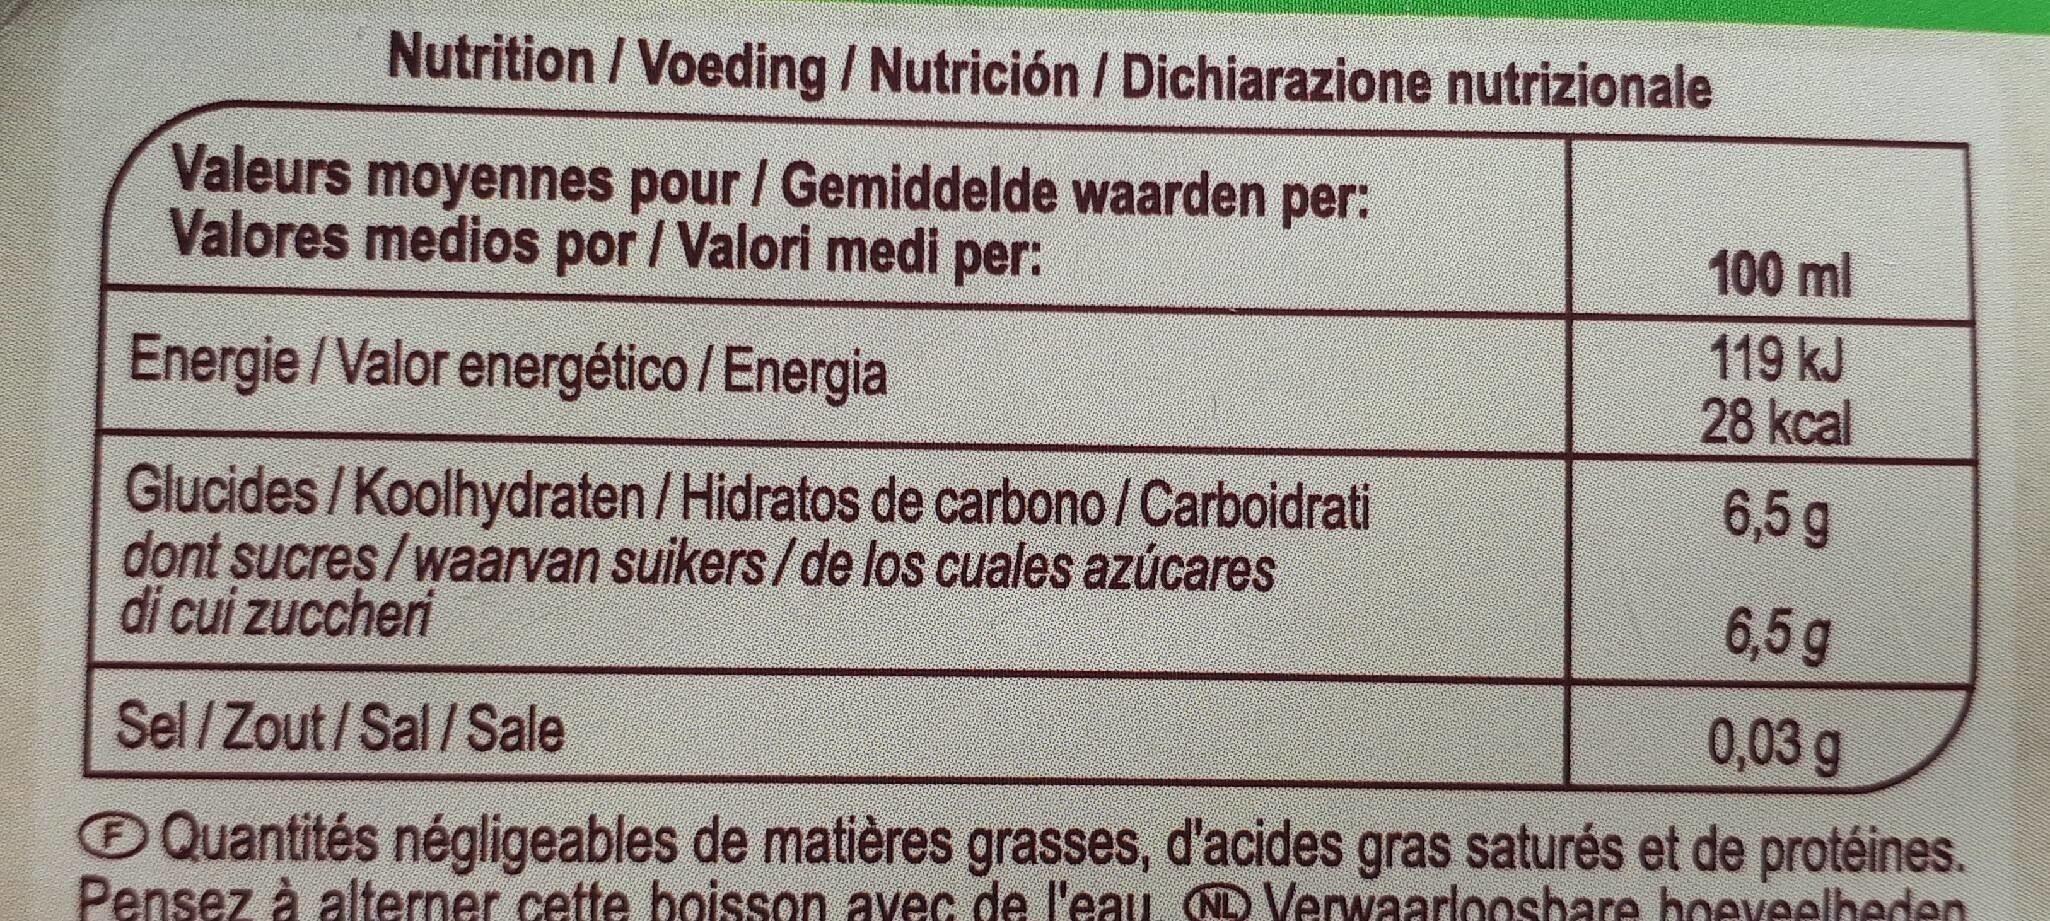 Saveur tropicale - Informations nutritionnelles - fr